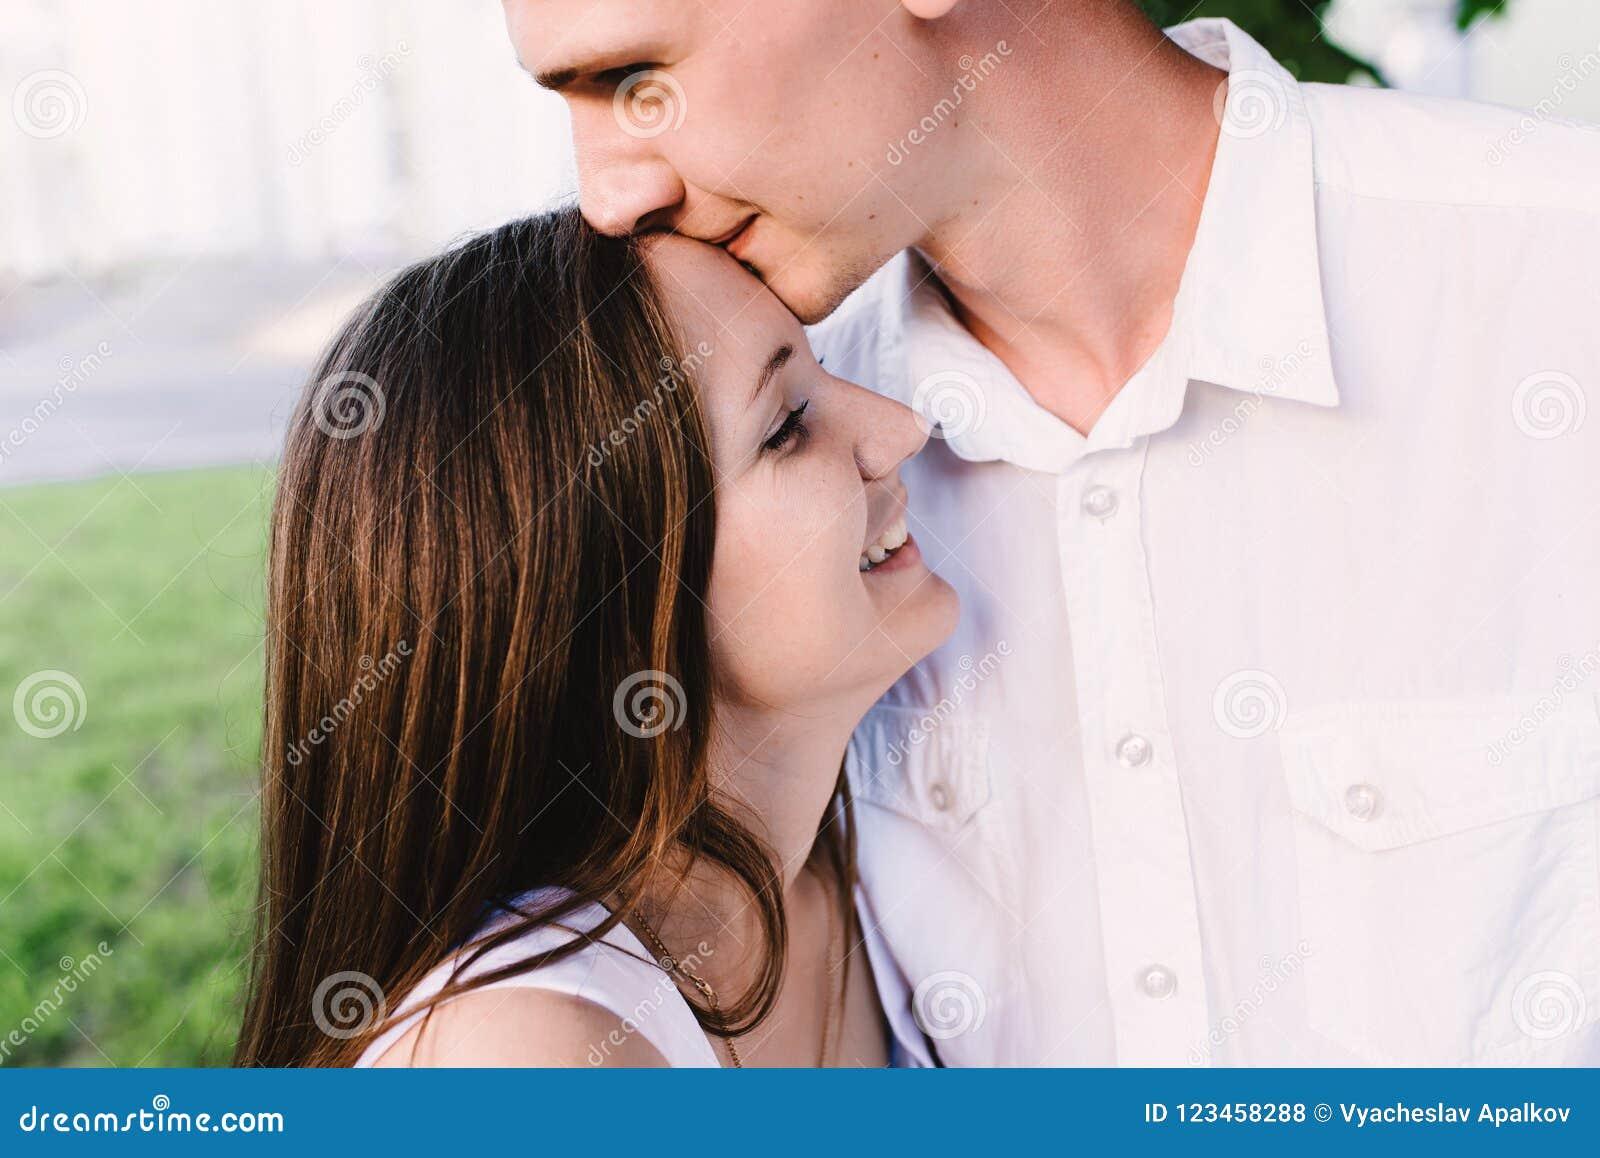 er phelous og lupa stadig dating